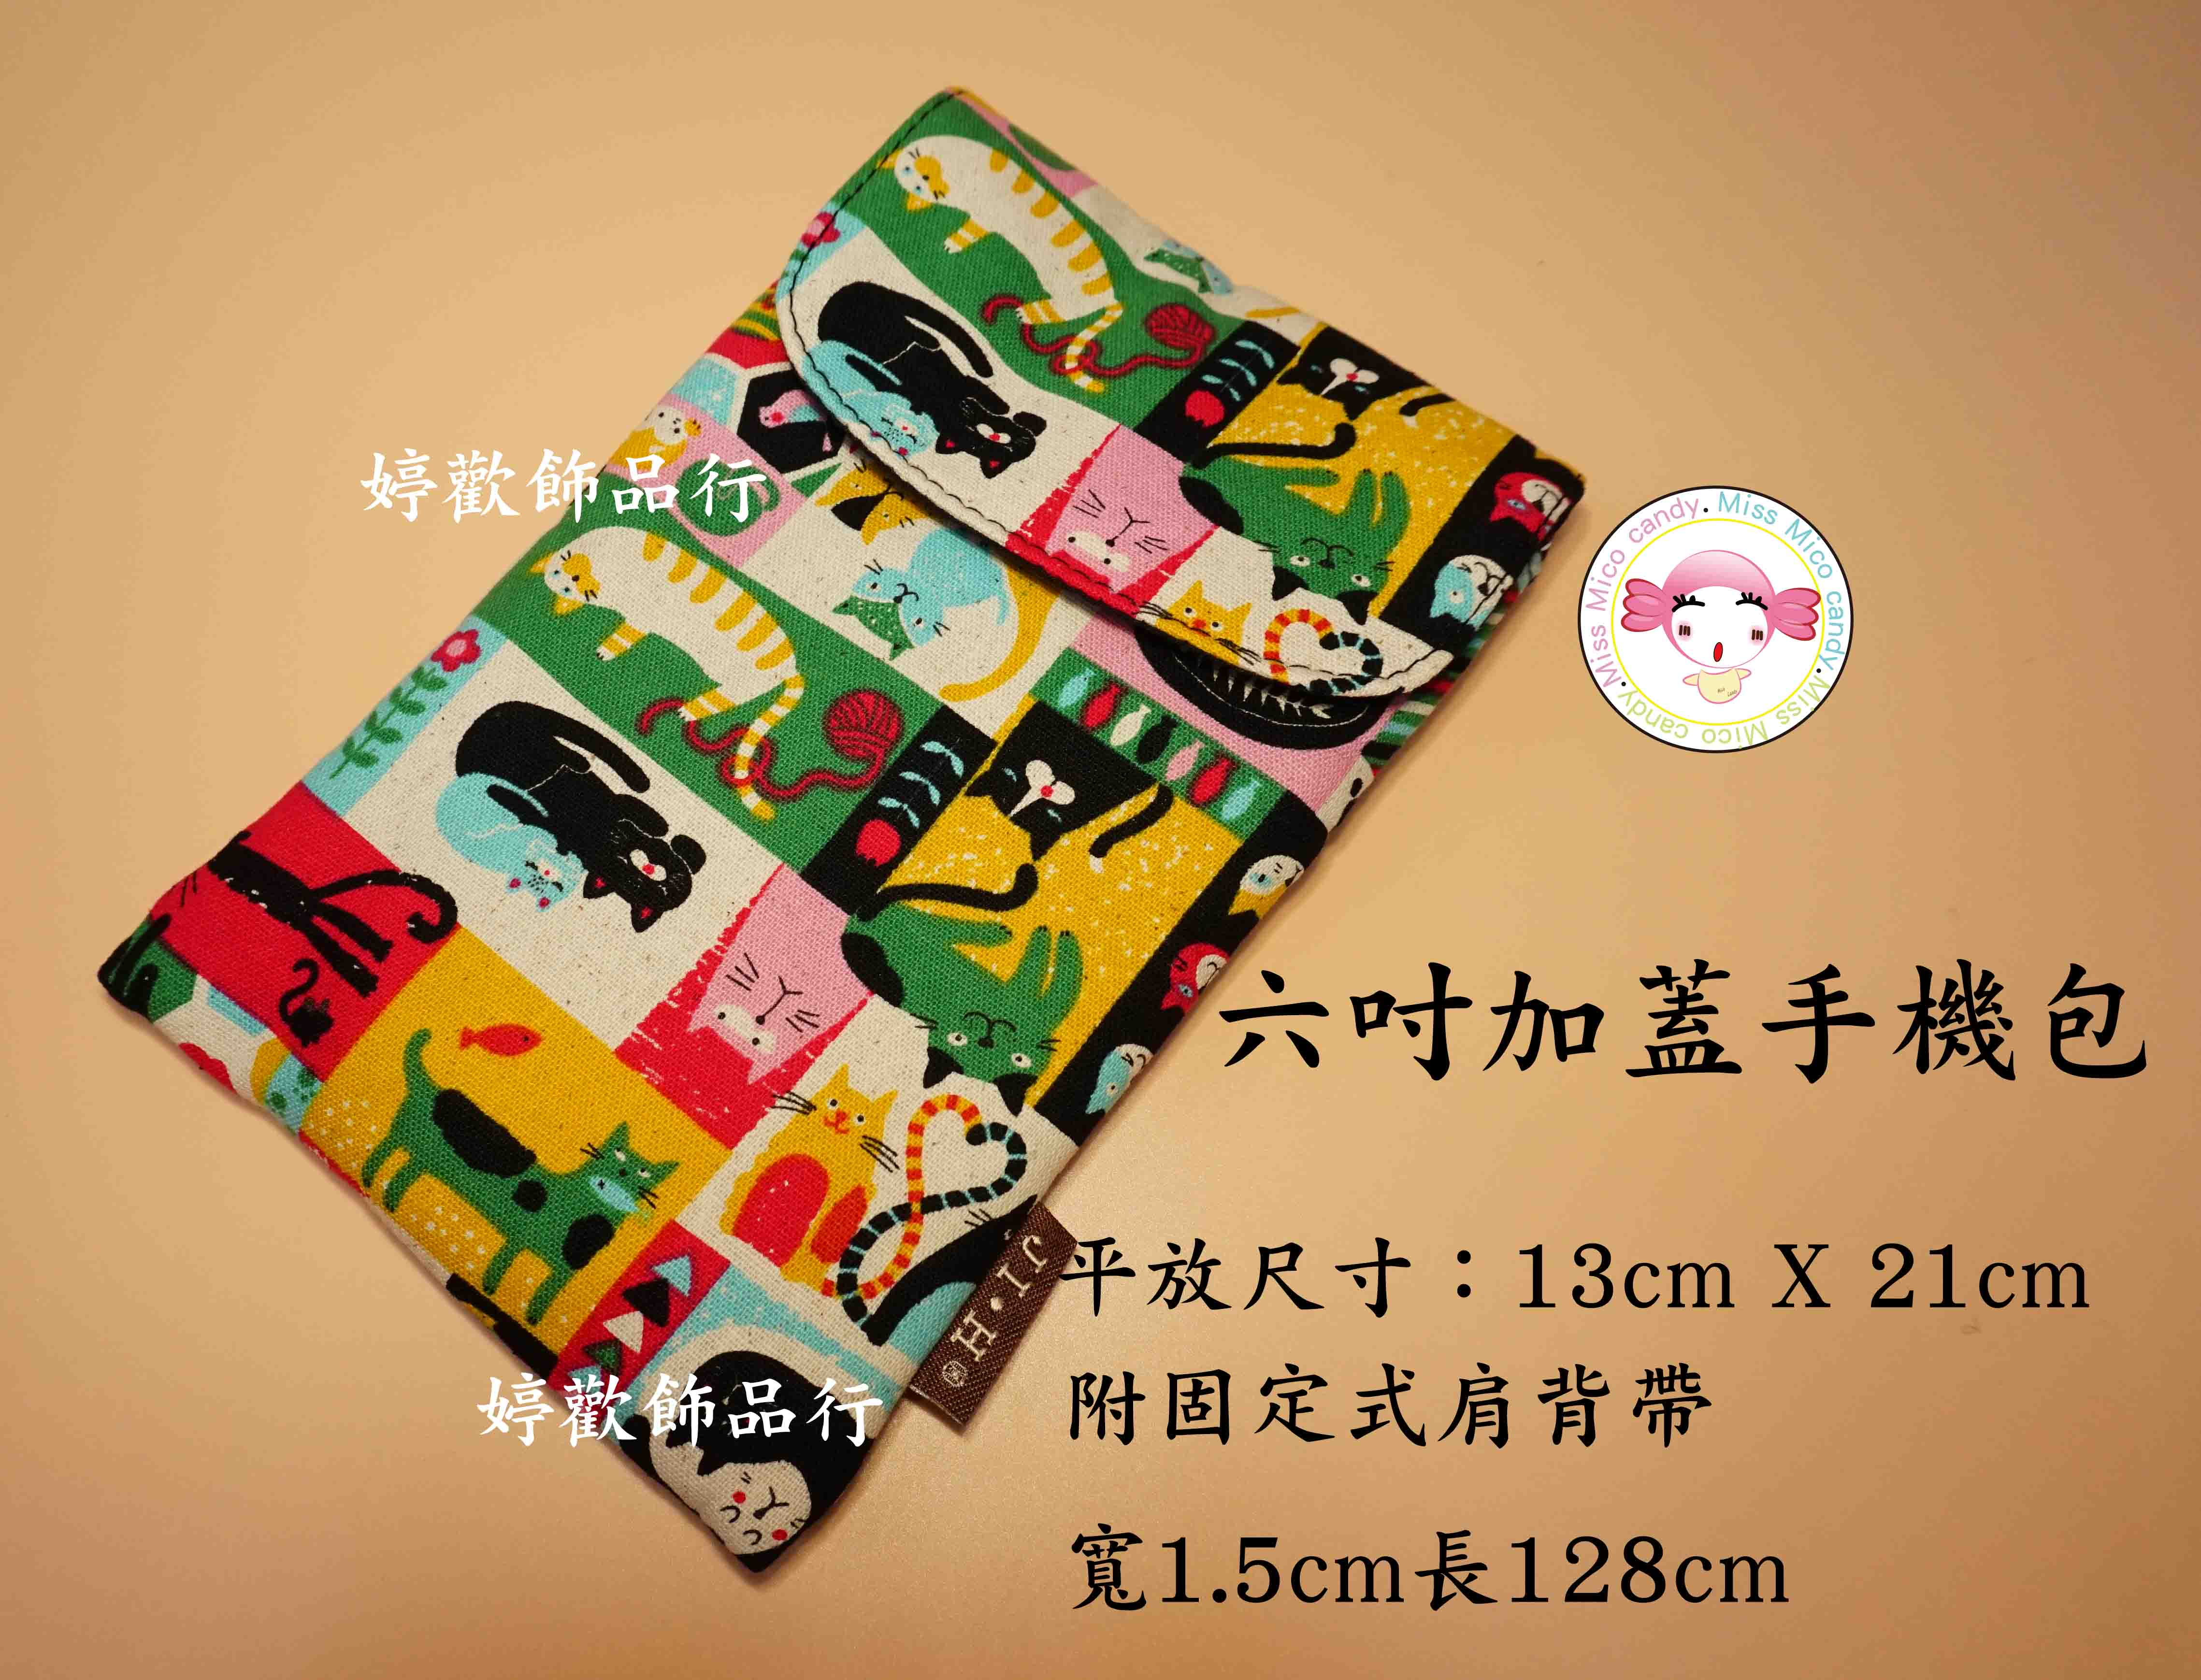 6吋加蓋側背手機袋相機包『casio zr.sony . Iphone . HTC . Samsung . 小米機』/懶懶貓